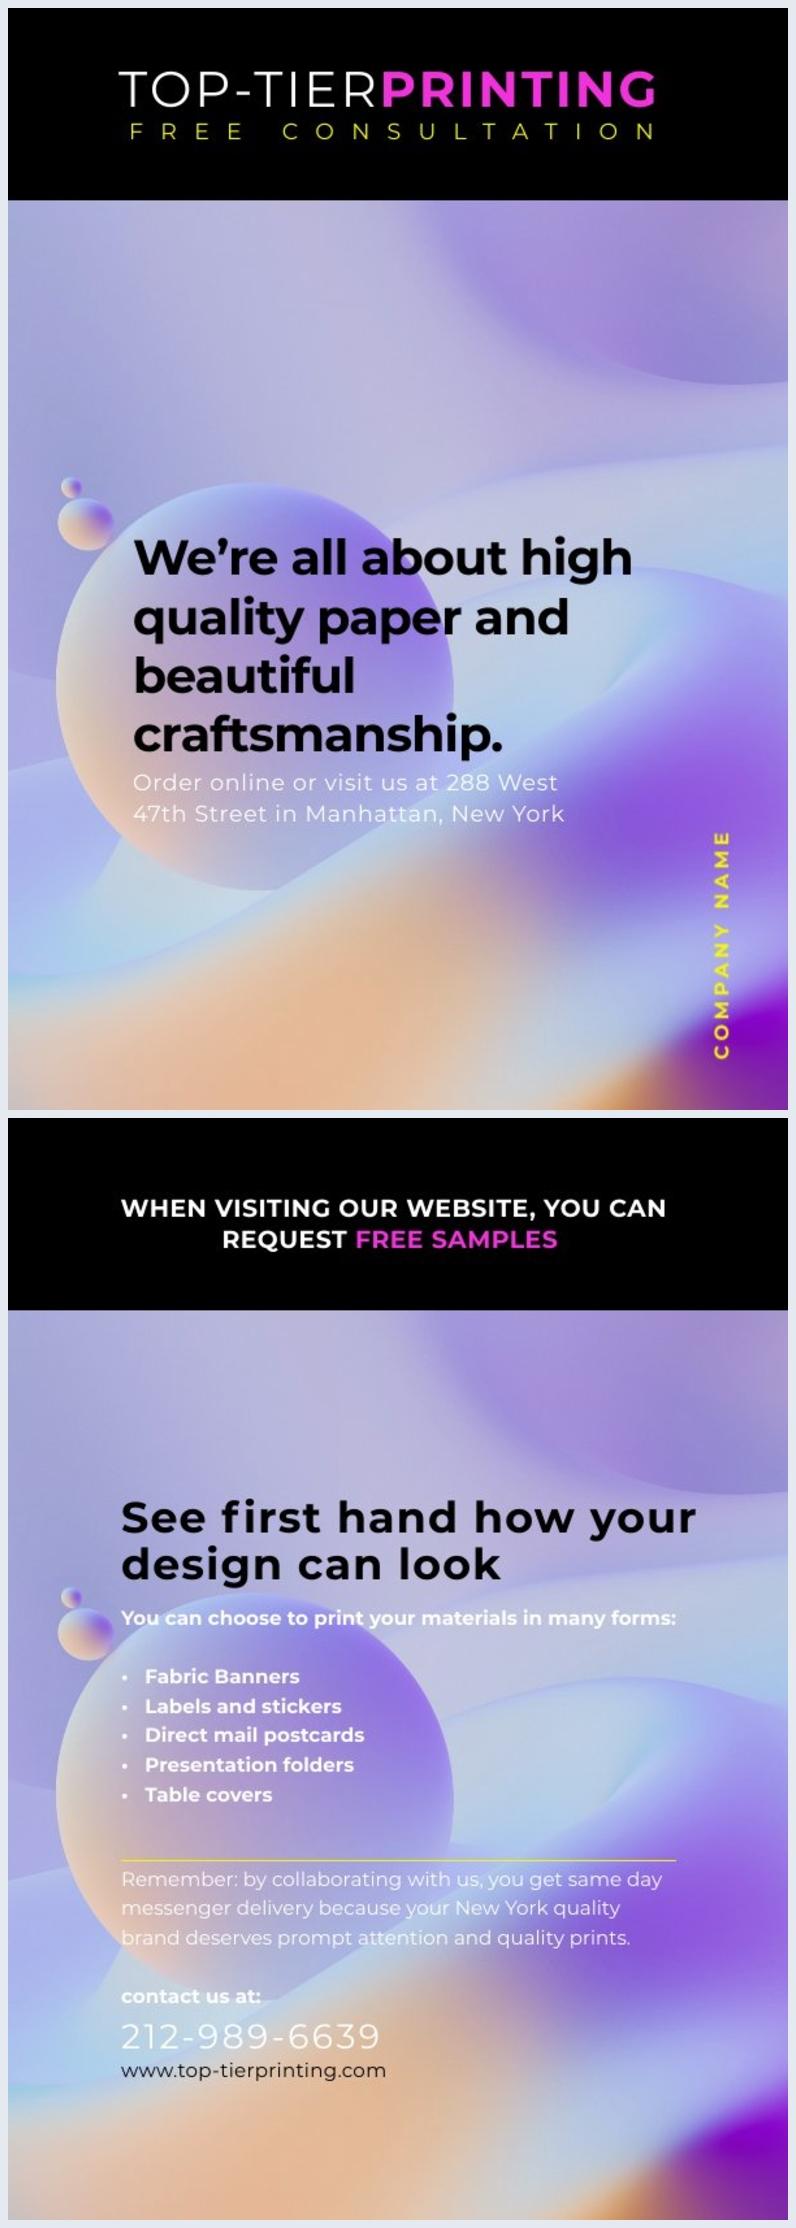 Afdrukbaar Zakelijke Flyer Ontwerp Voorbeeld